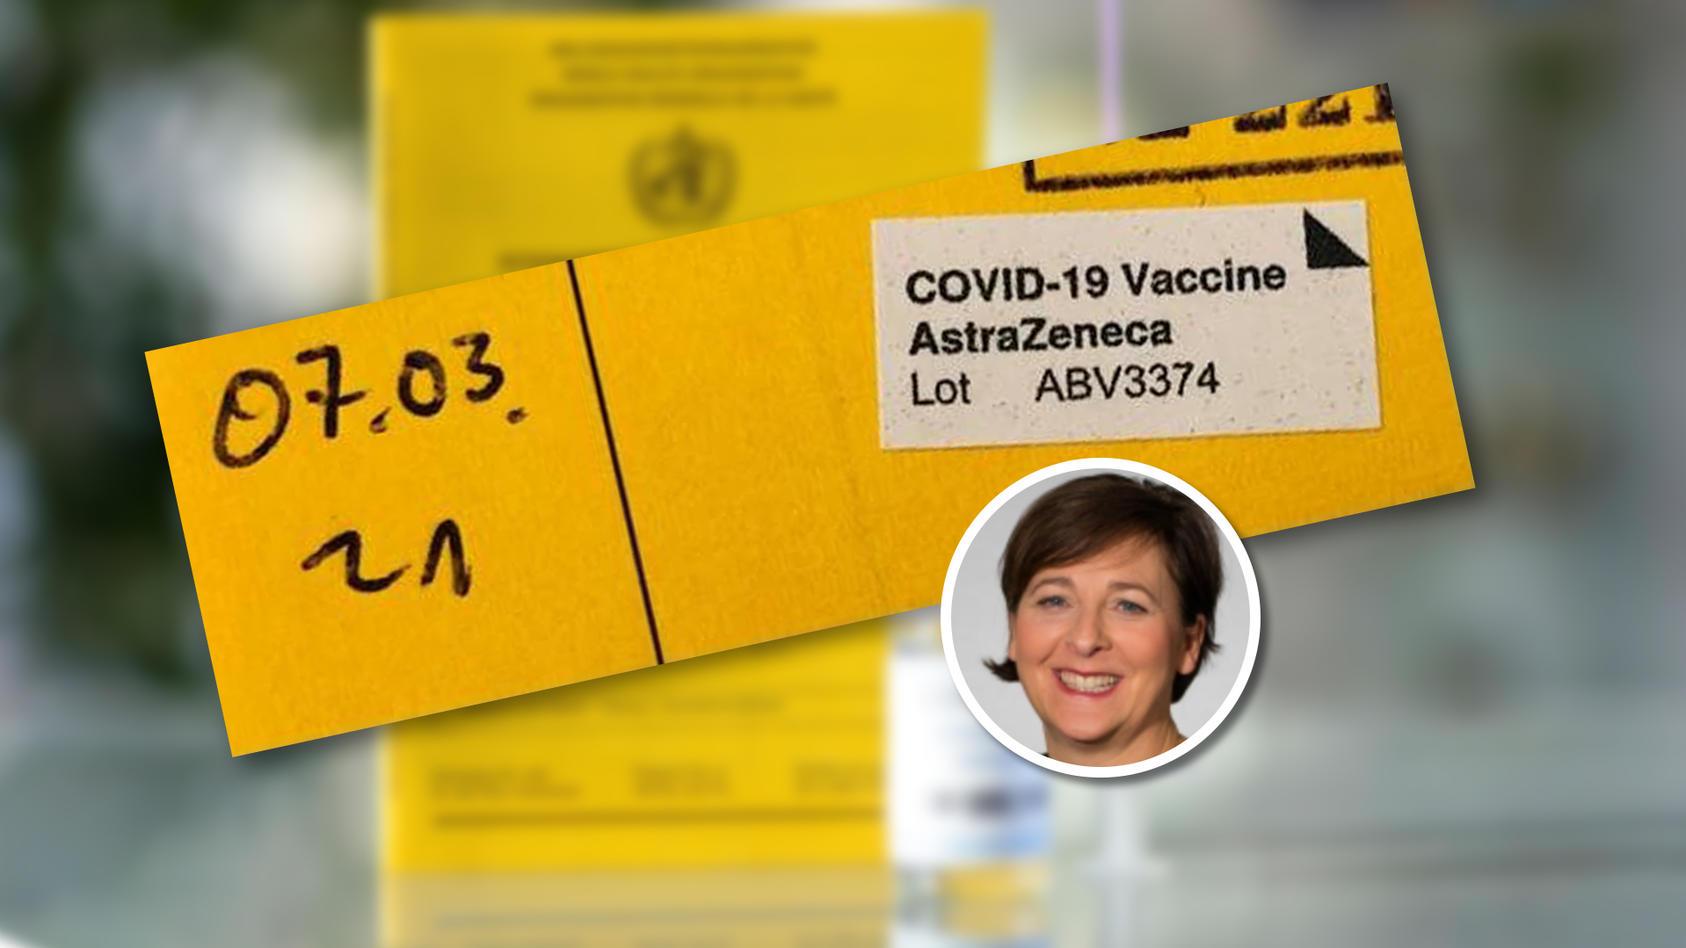 https www rtl de cms ich bekam den astrazeneca impfstoff und hatte diese nebenwirkungen rtl redakteurin berichtet 4718548 html